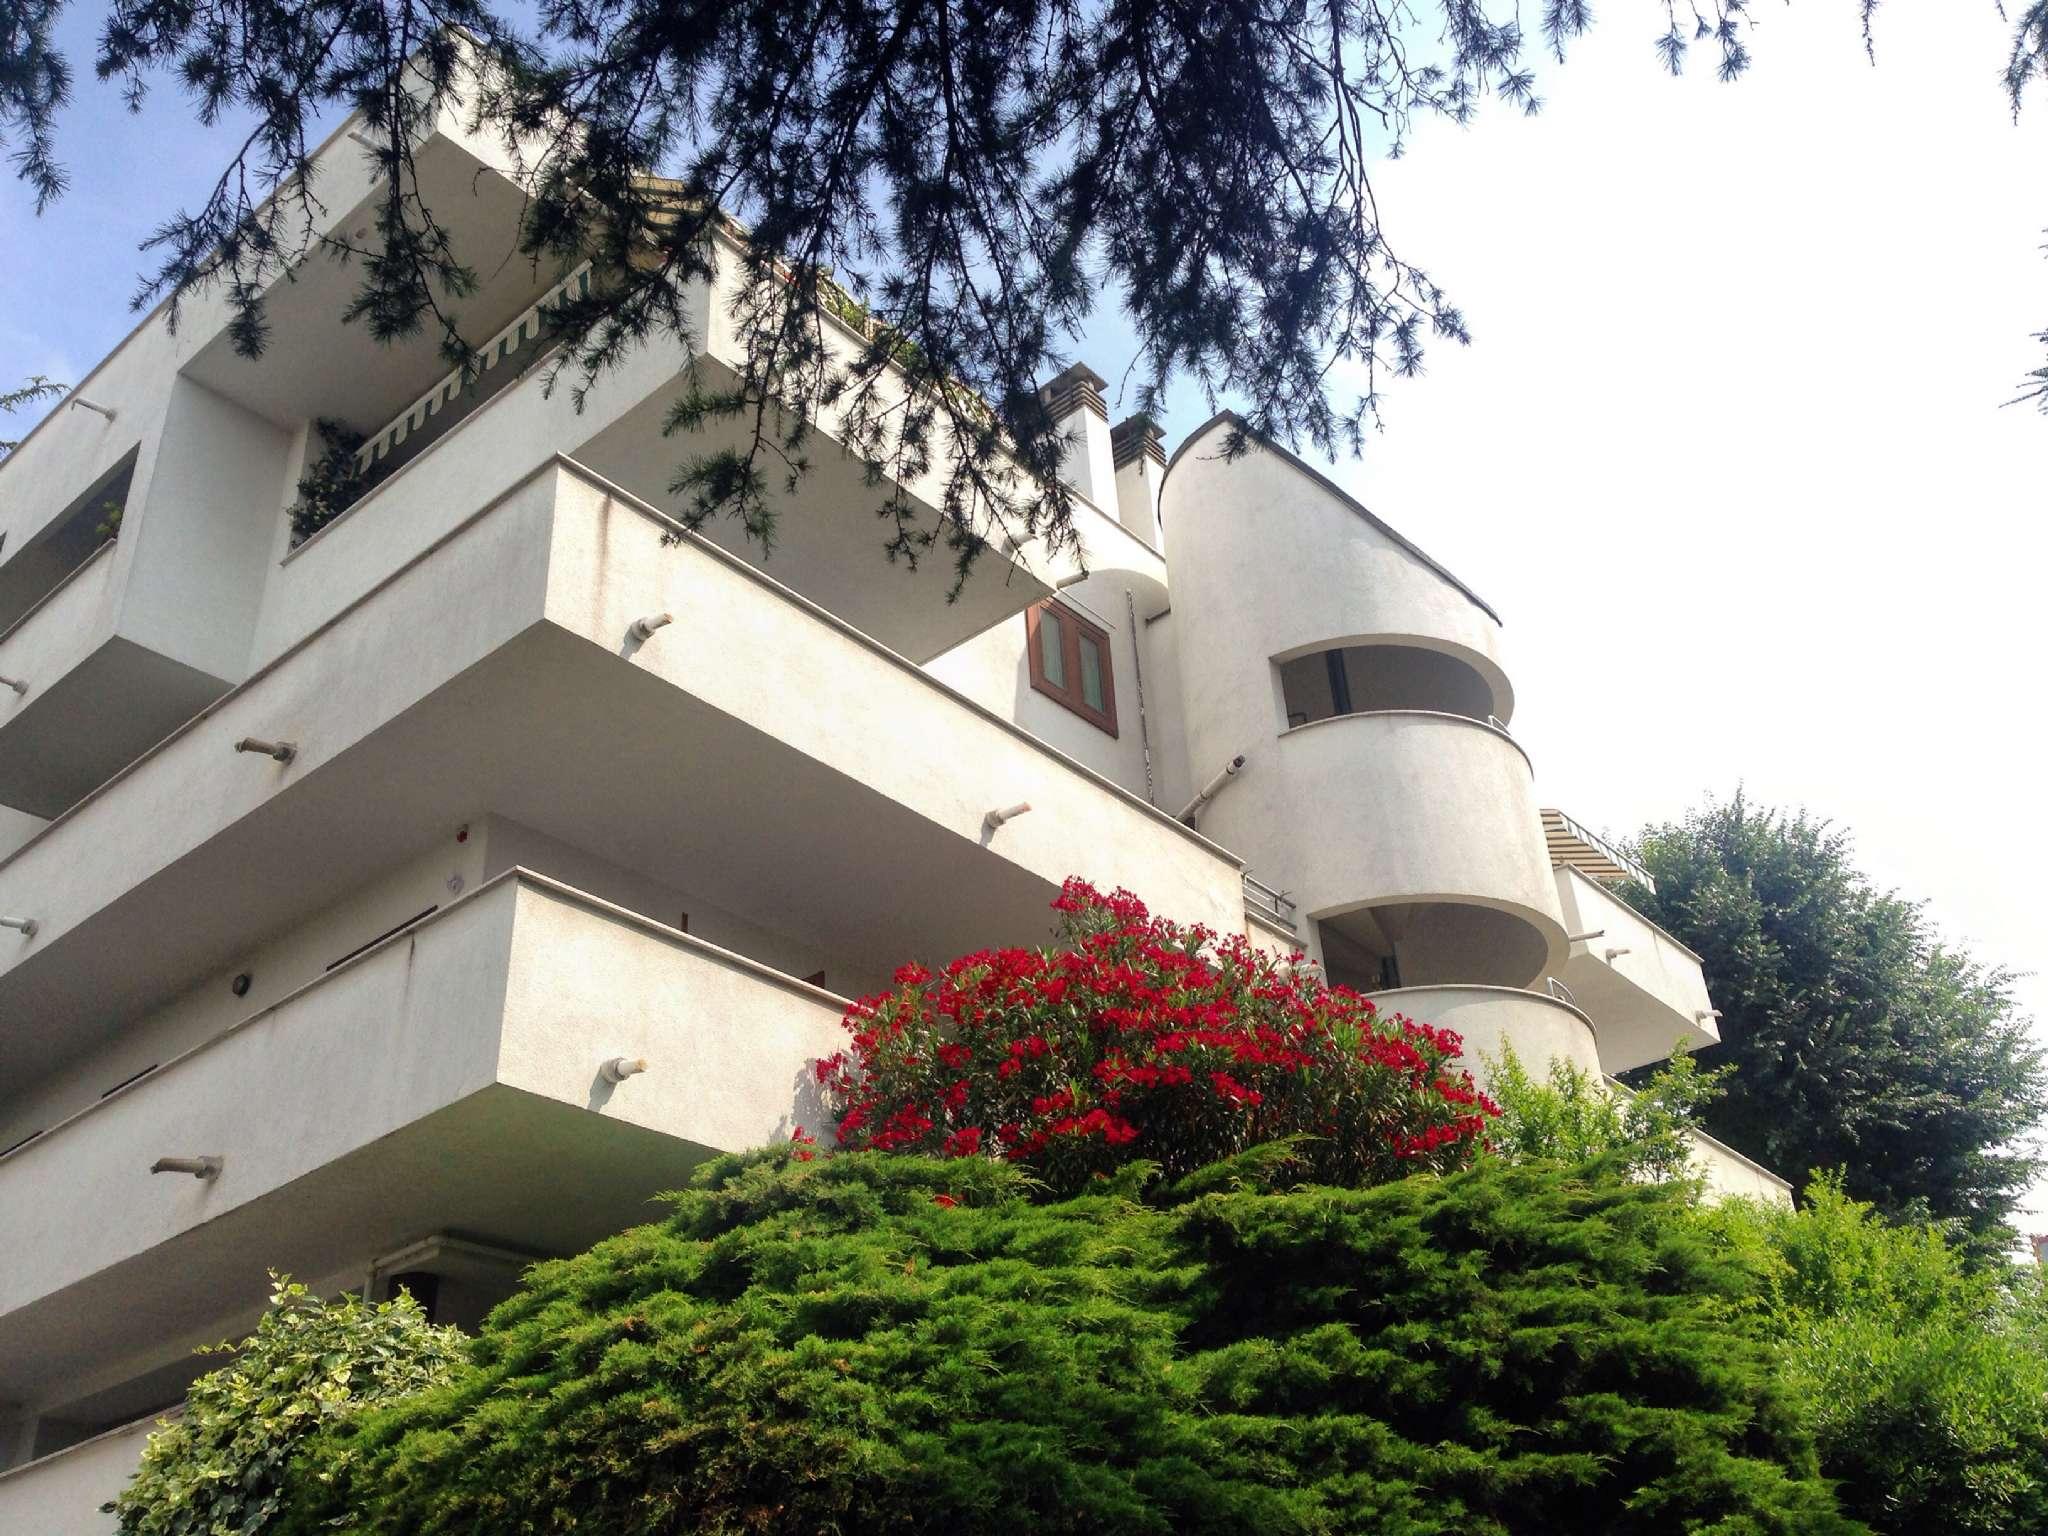 Appartamento in vendita a Trieste, 4 locali, prezzo € 400.000 | CambioCasa.it